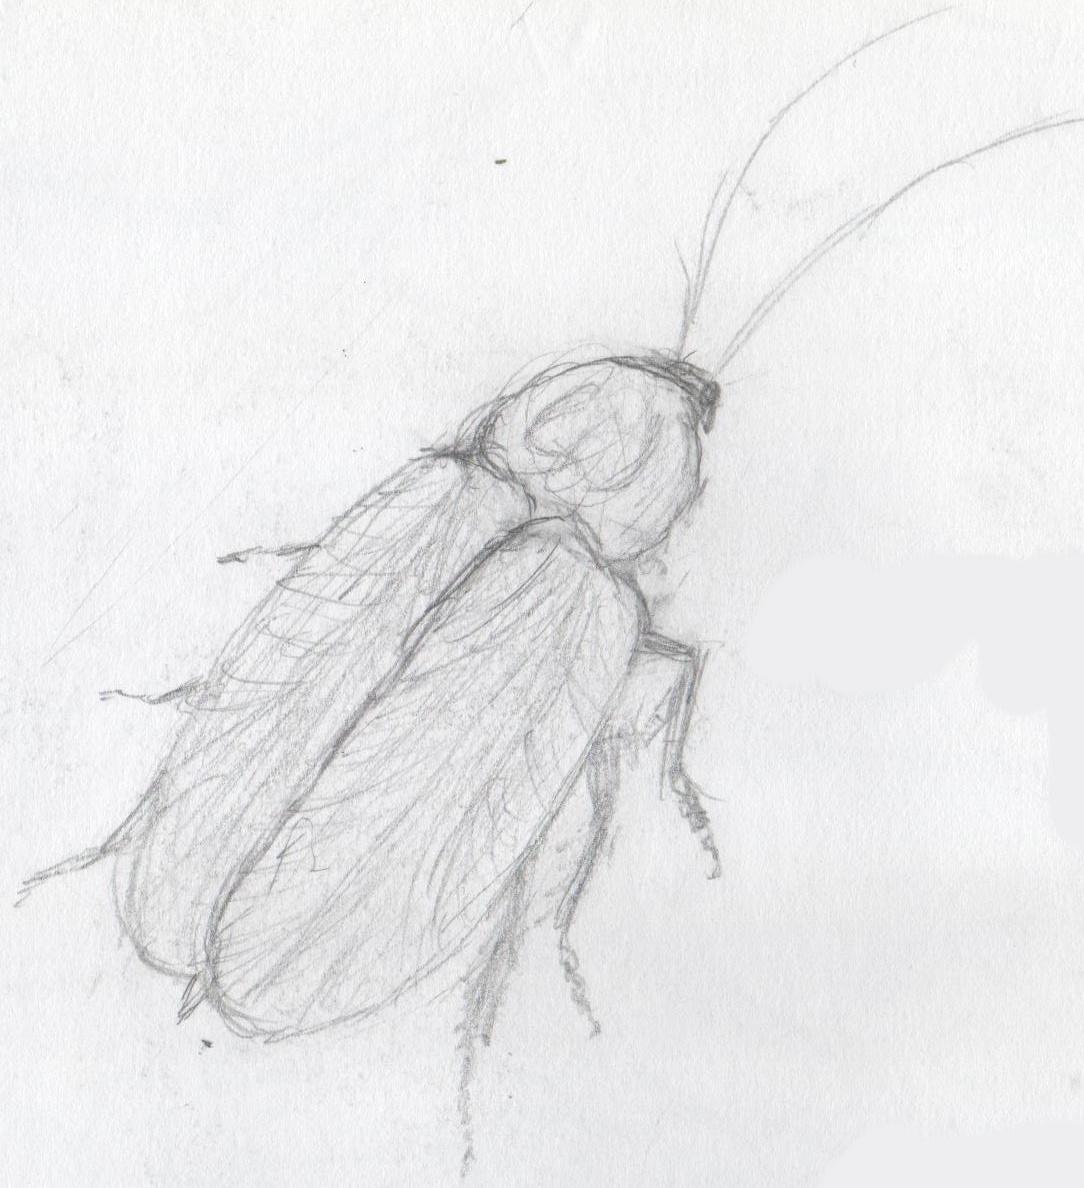 ゴキブリからカマキリ~昆虫の進化史~ - たてぃとぅてといろいろ趣味 ...